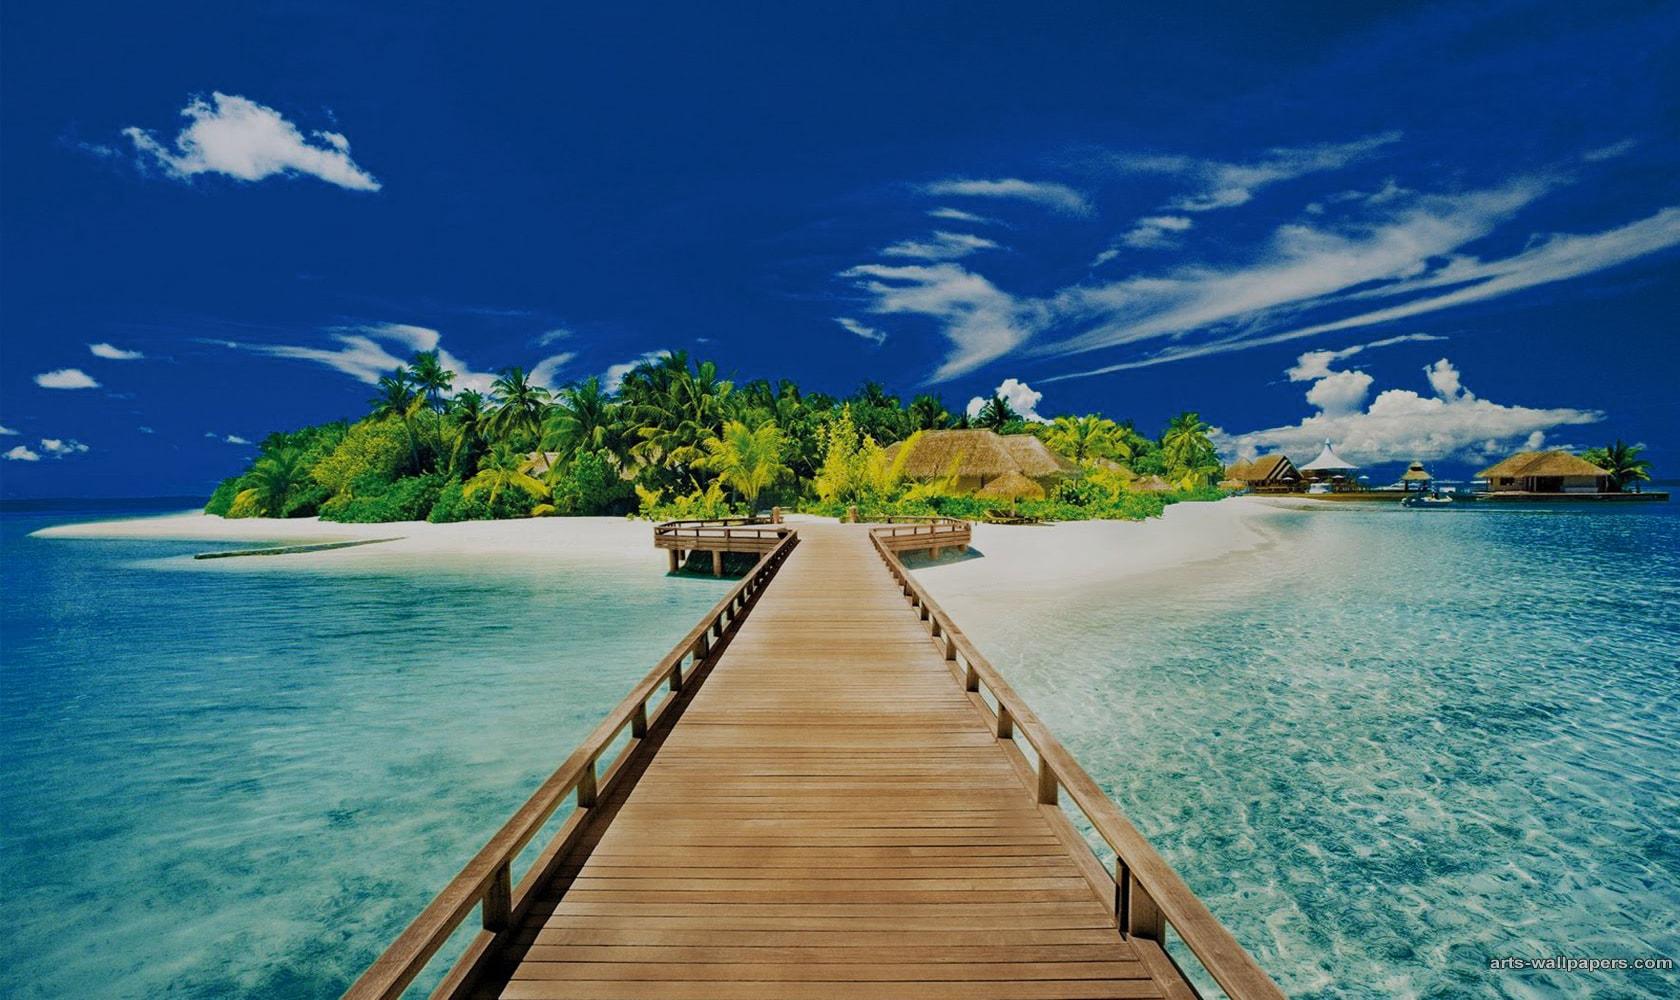 اجمل شاطئ في العالم 1